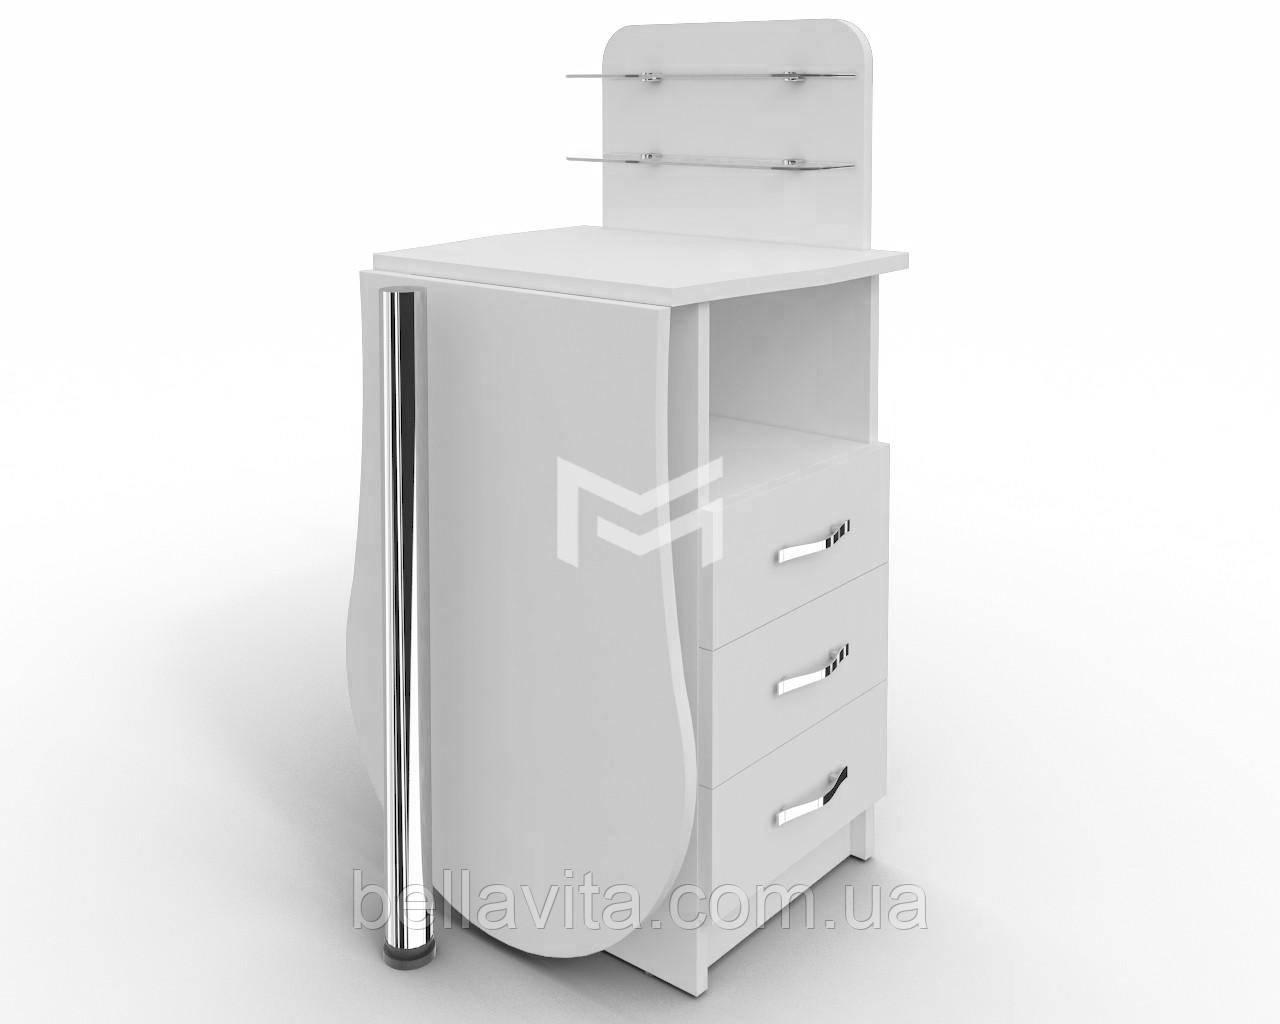 """Манікюрний стіл-трансформер M101K """"Естет компакт №1"""" зі складаним стільницею"""